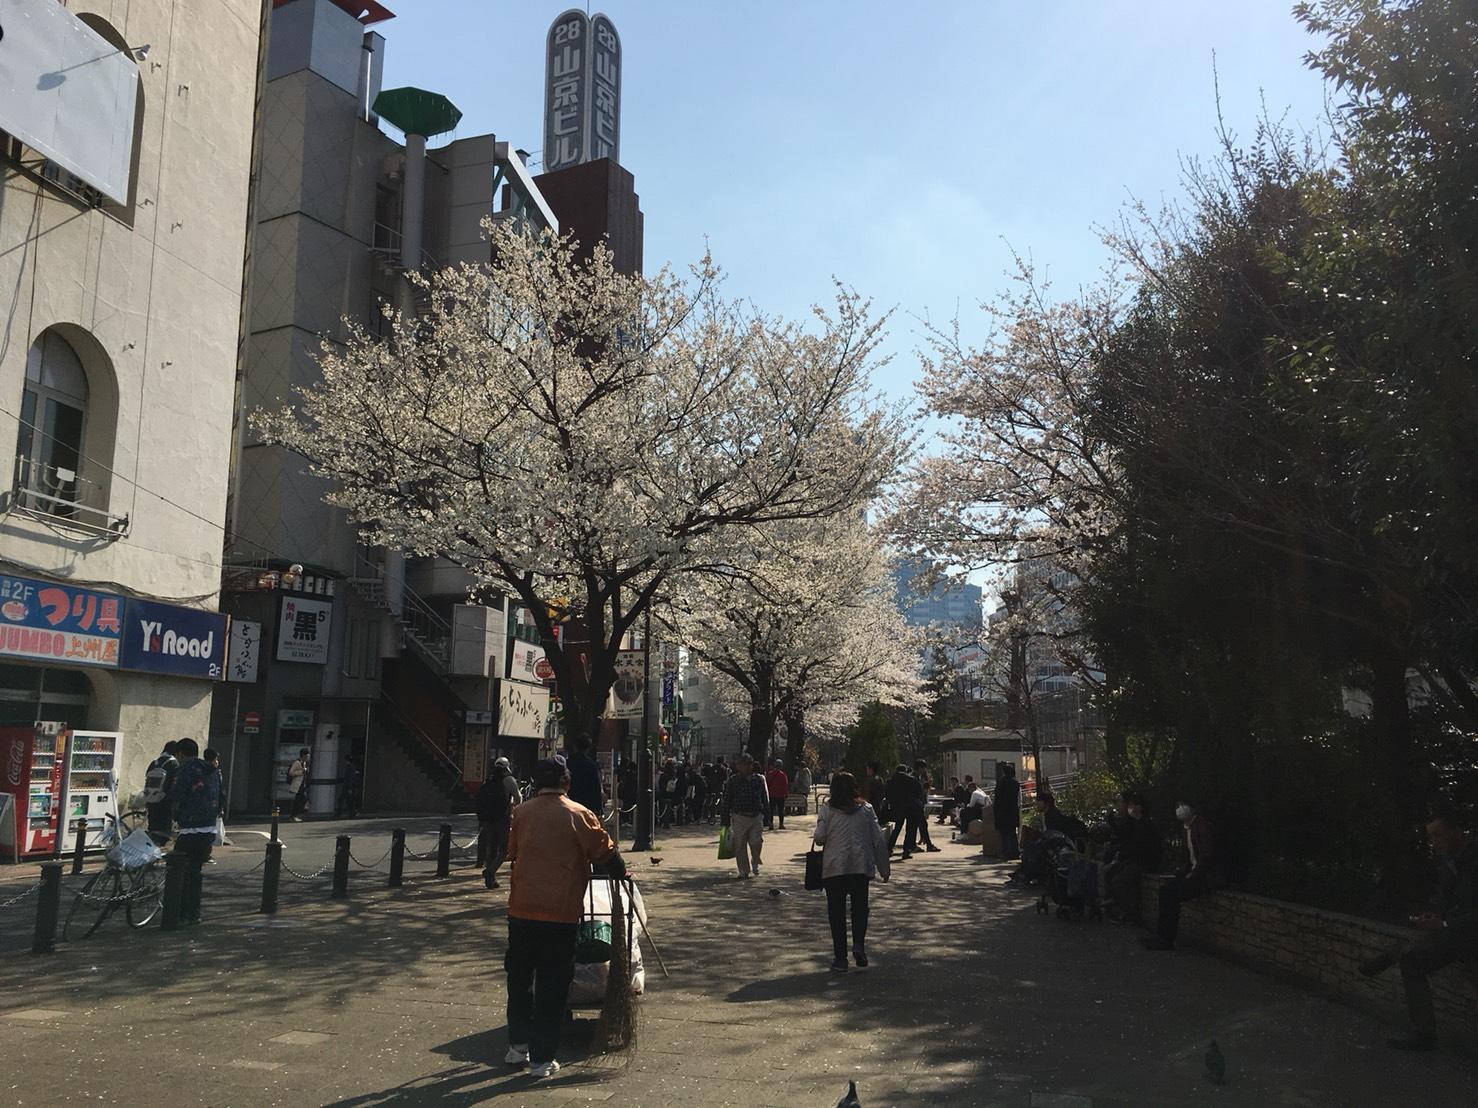 【池袋駅】春爛漫!公園まわって桜を見に行こう!池袋東口の満開公園お花見散歩コース。の池袋駅前公園3